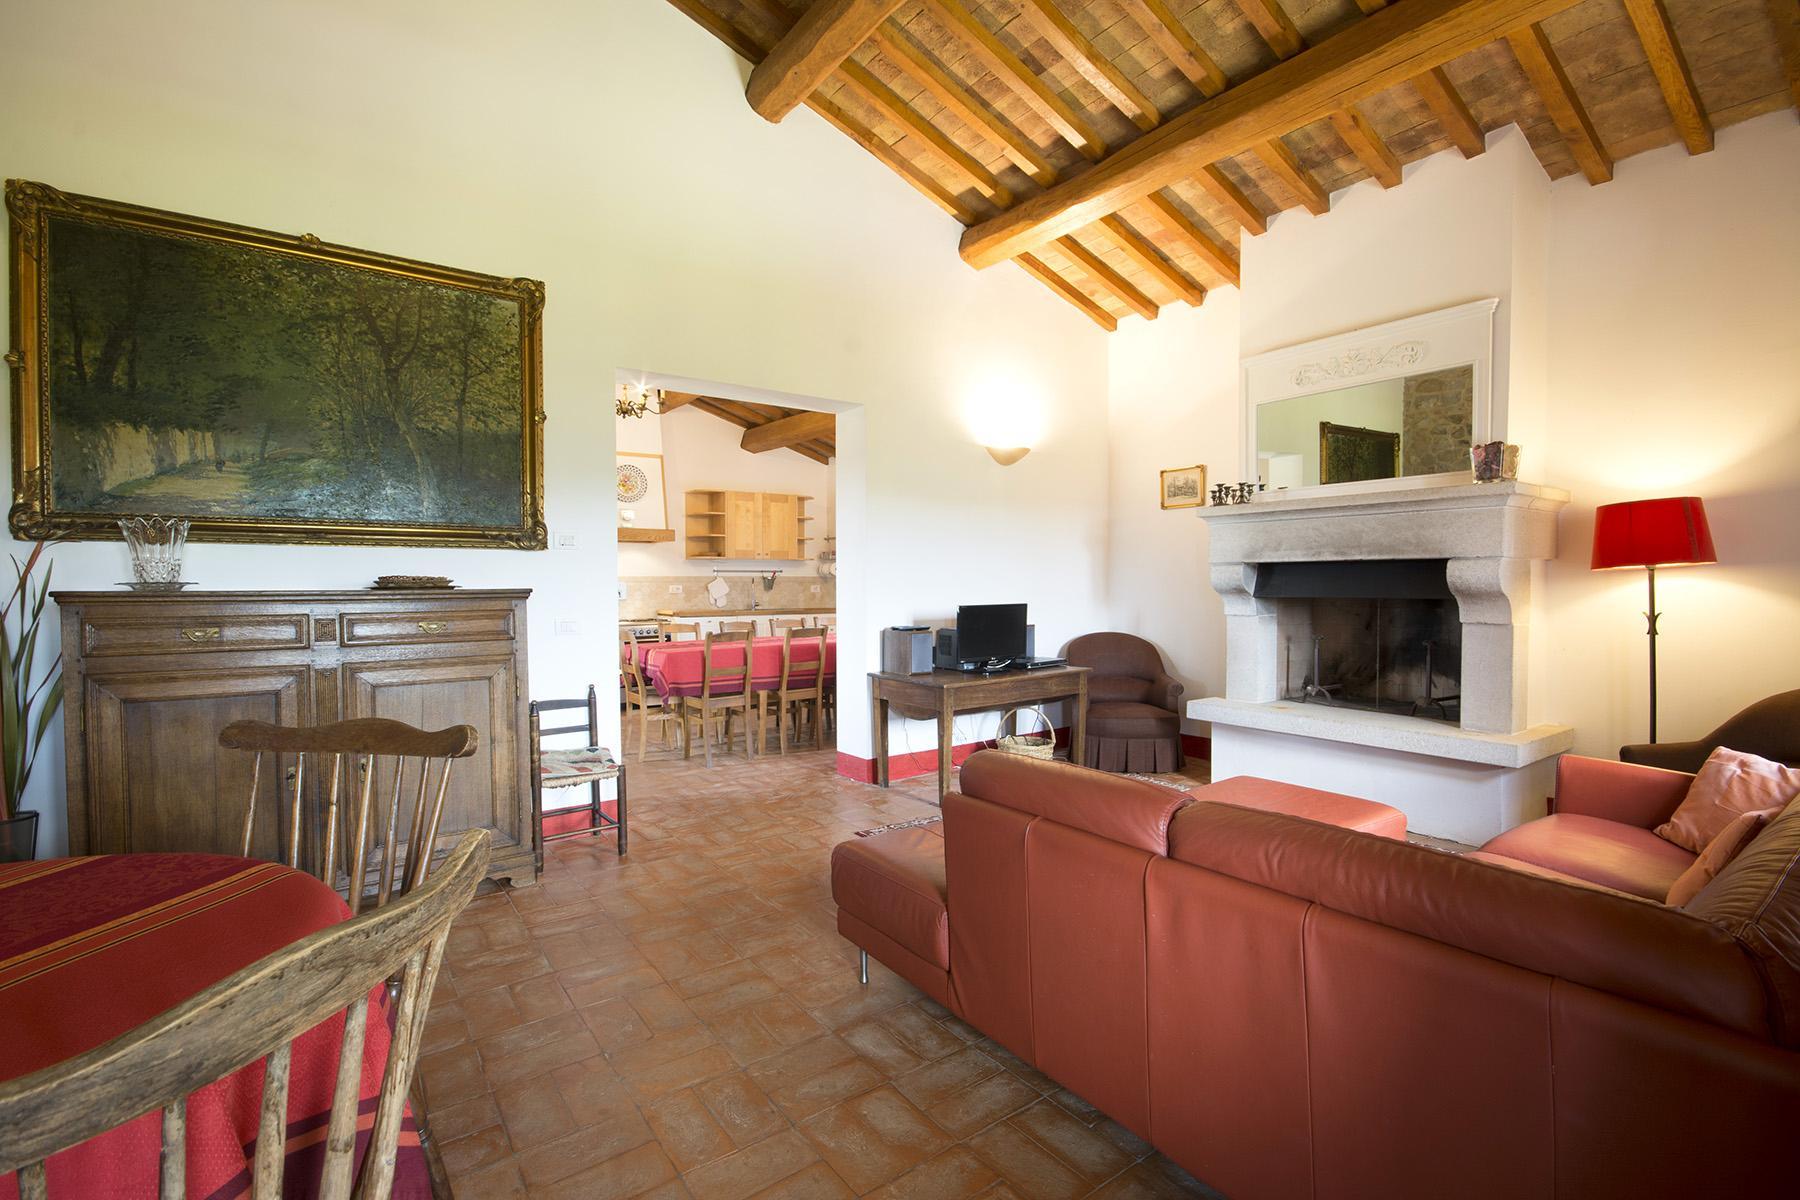 Исключительная собственность между Тосканой и Умбрией - 13